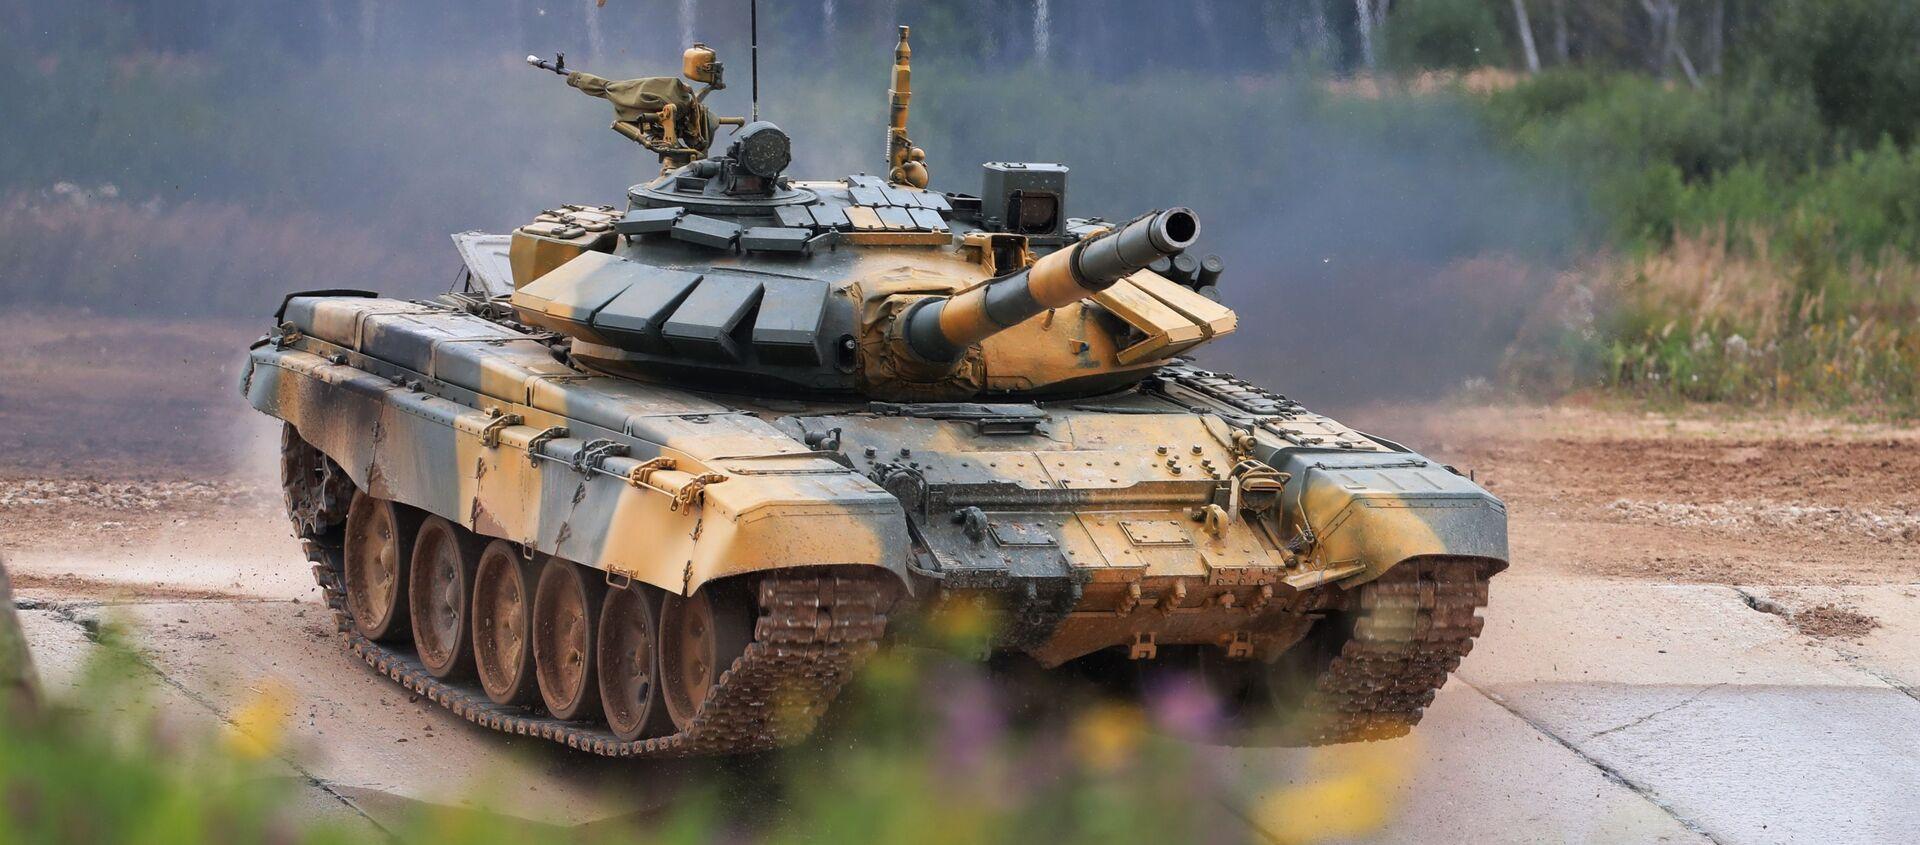 Xe tăng T-72 của đội tuyển Việt Nam tại buổi thi đấu của các kíp xe tăng trong khuôn khổ cuộc thi Tank Biathlon 2020 tại bãi tập Alabino.  - Sputnik Việt Nam, 1920, 31.12.2020